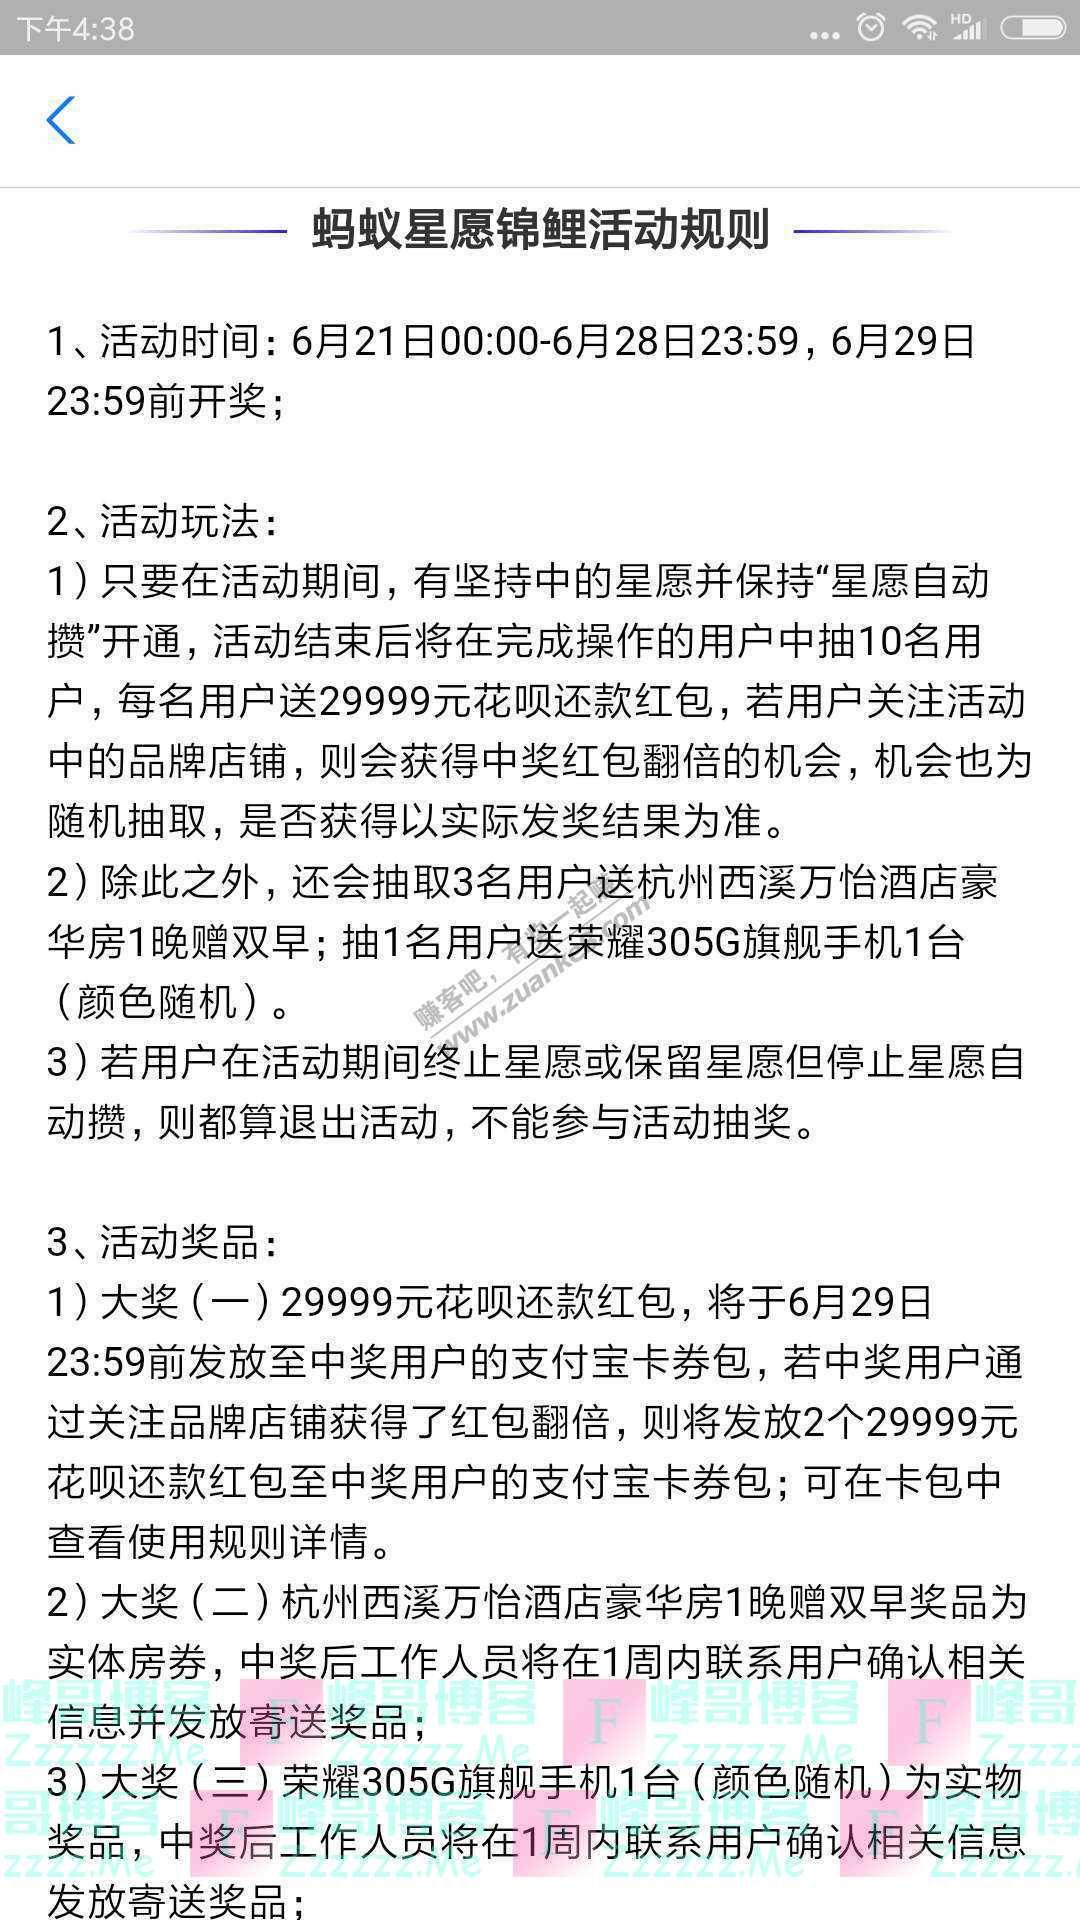 支付宝蚂蚁星愿锦鲤活动(截止6月28日)